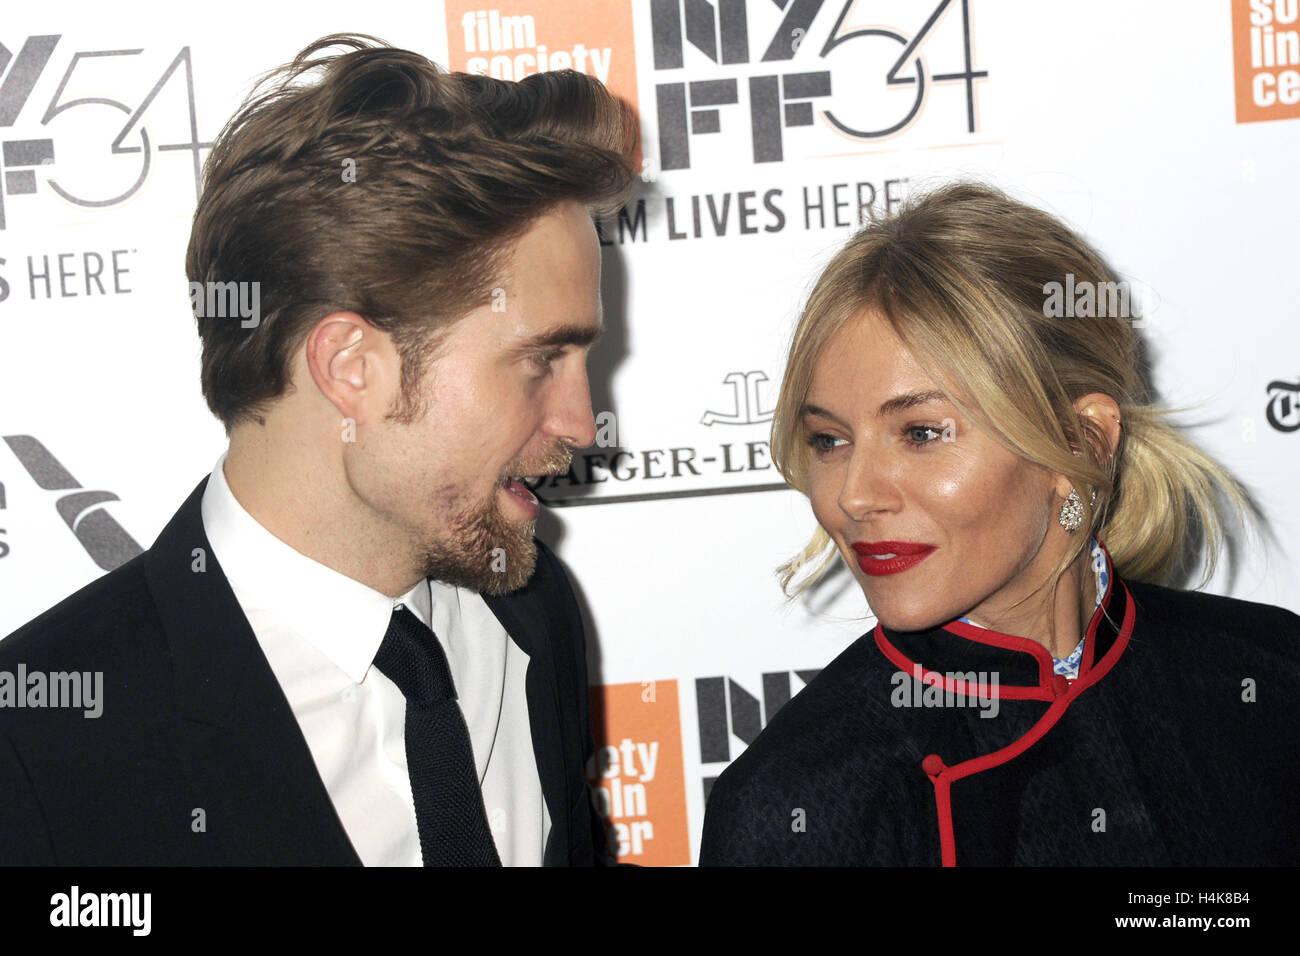 La ville de New York. 15 Oct, 2016. Robert Pattinson et Sienna Miller assister à 'La cité perdue de Photo Stock